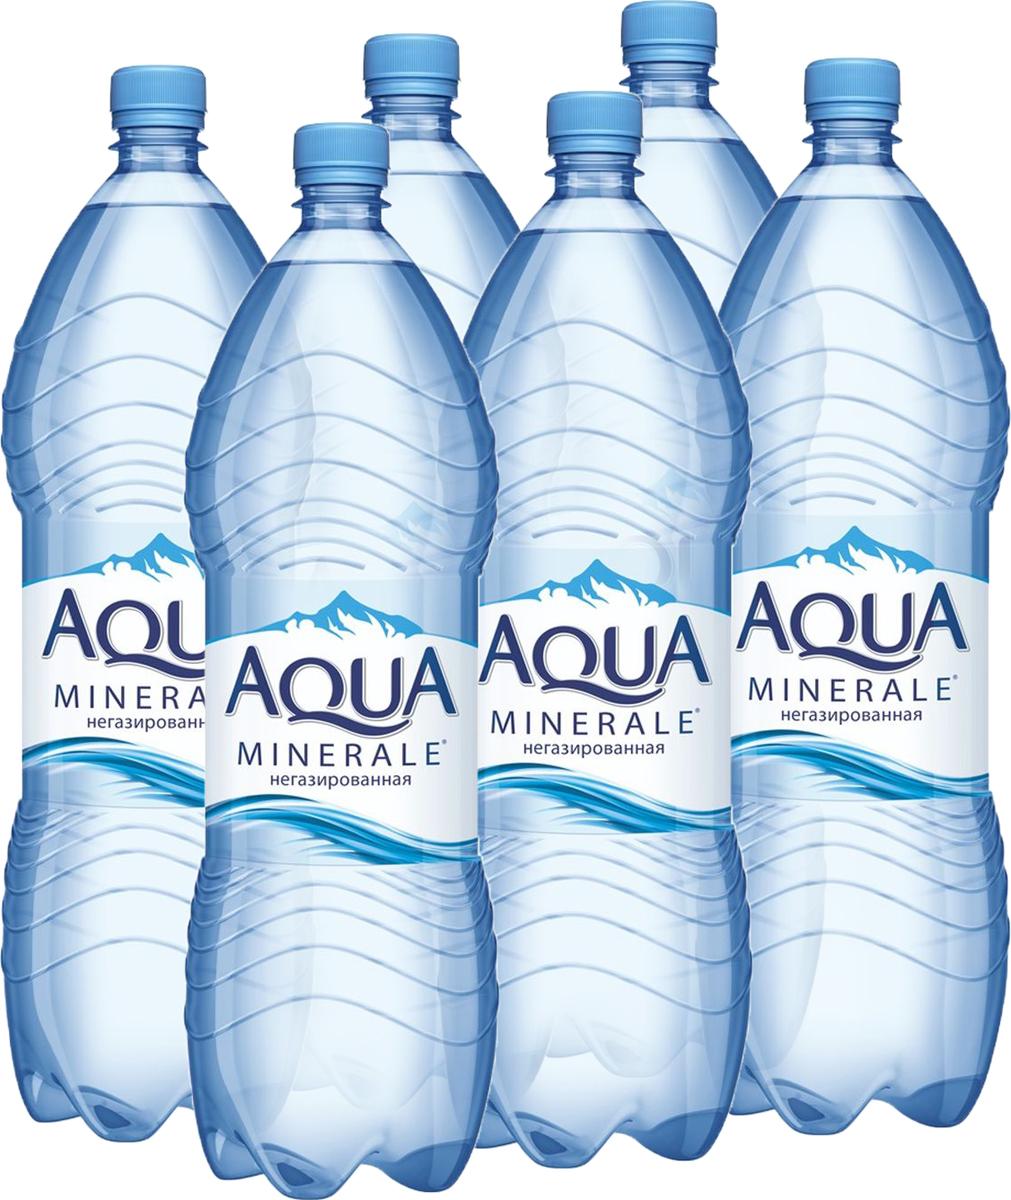 Aqua Minerale вода питьевая негазированная, 6 штук по 2 л aqua minerale вода питьевая негазированная 1 5 л